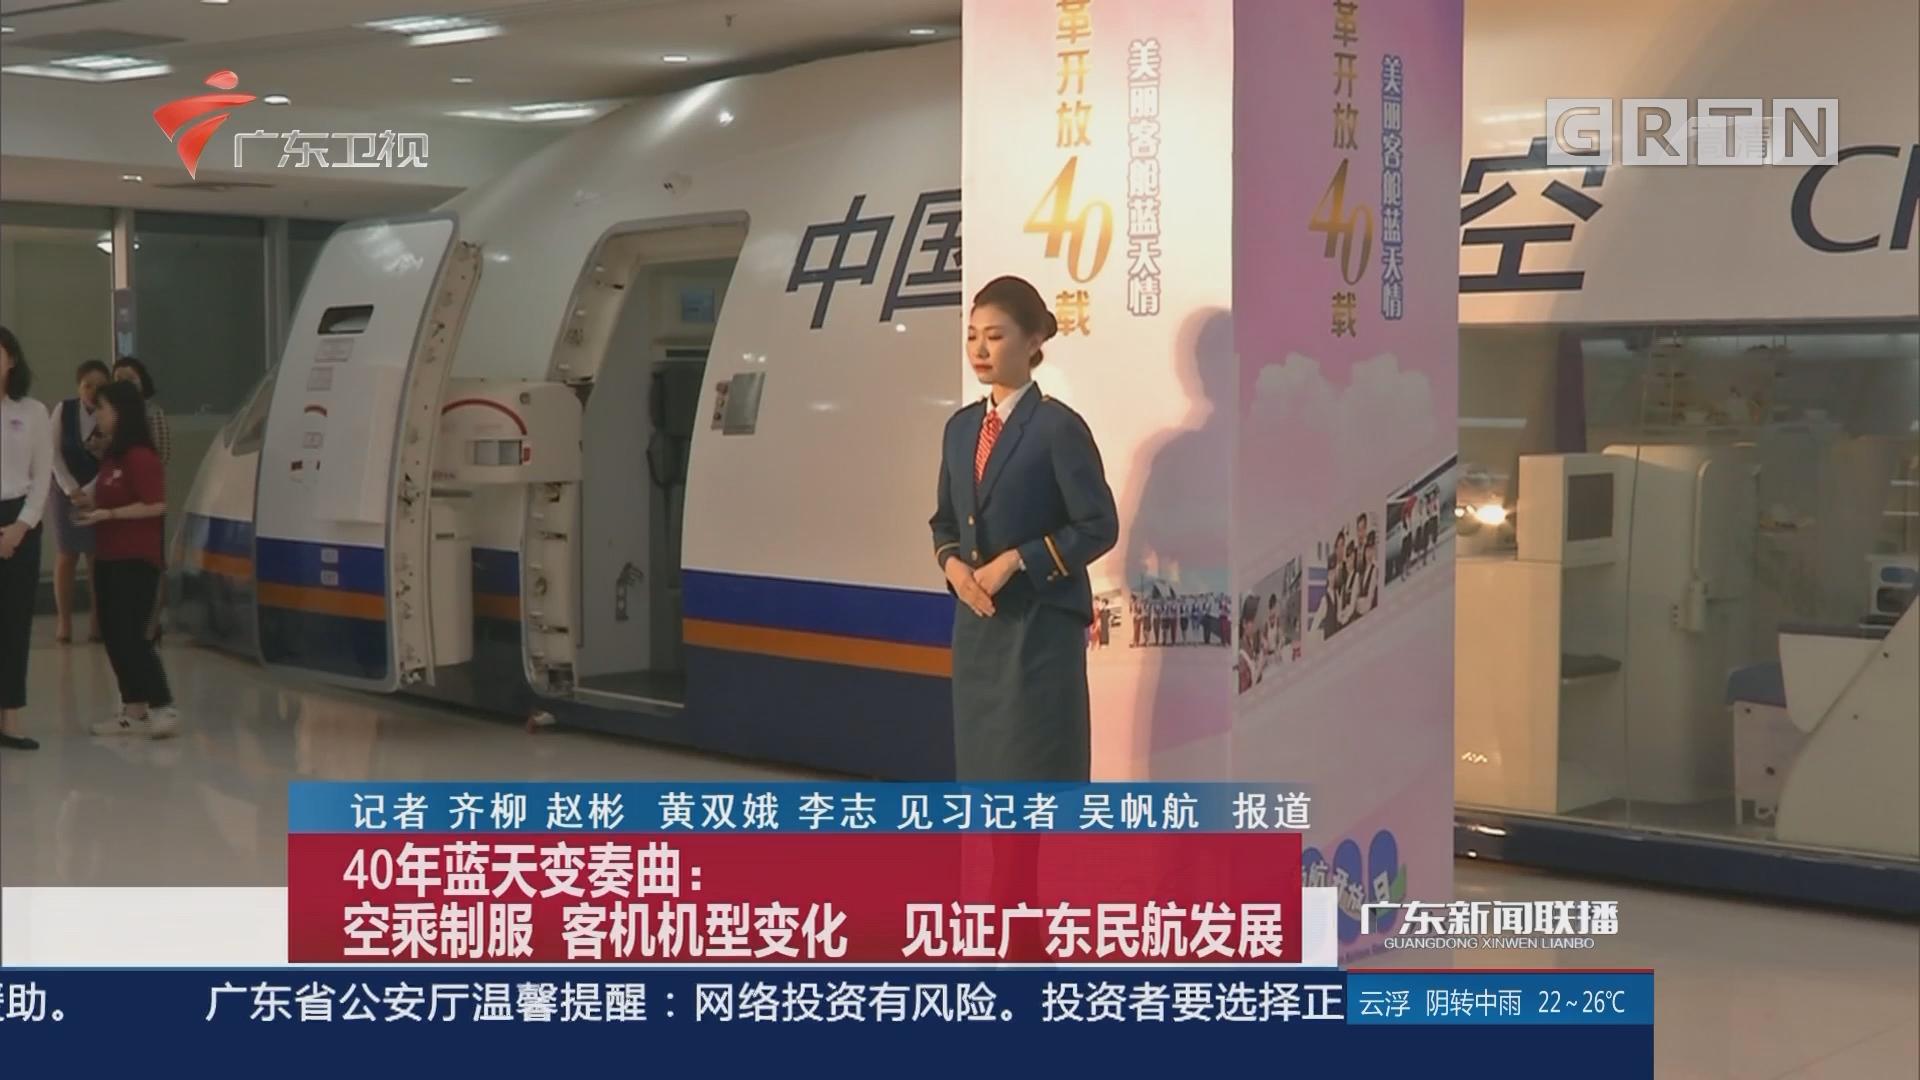 40年蓝天变奏曲:空乘制服 客机机型变化 见证广东民航发展